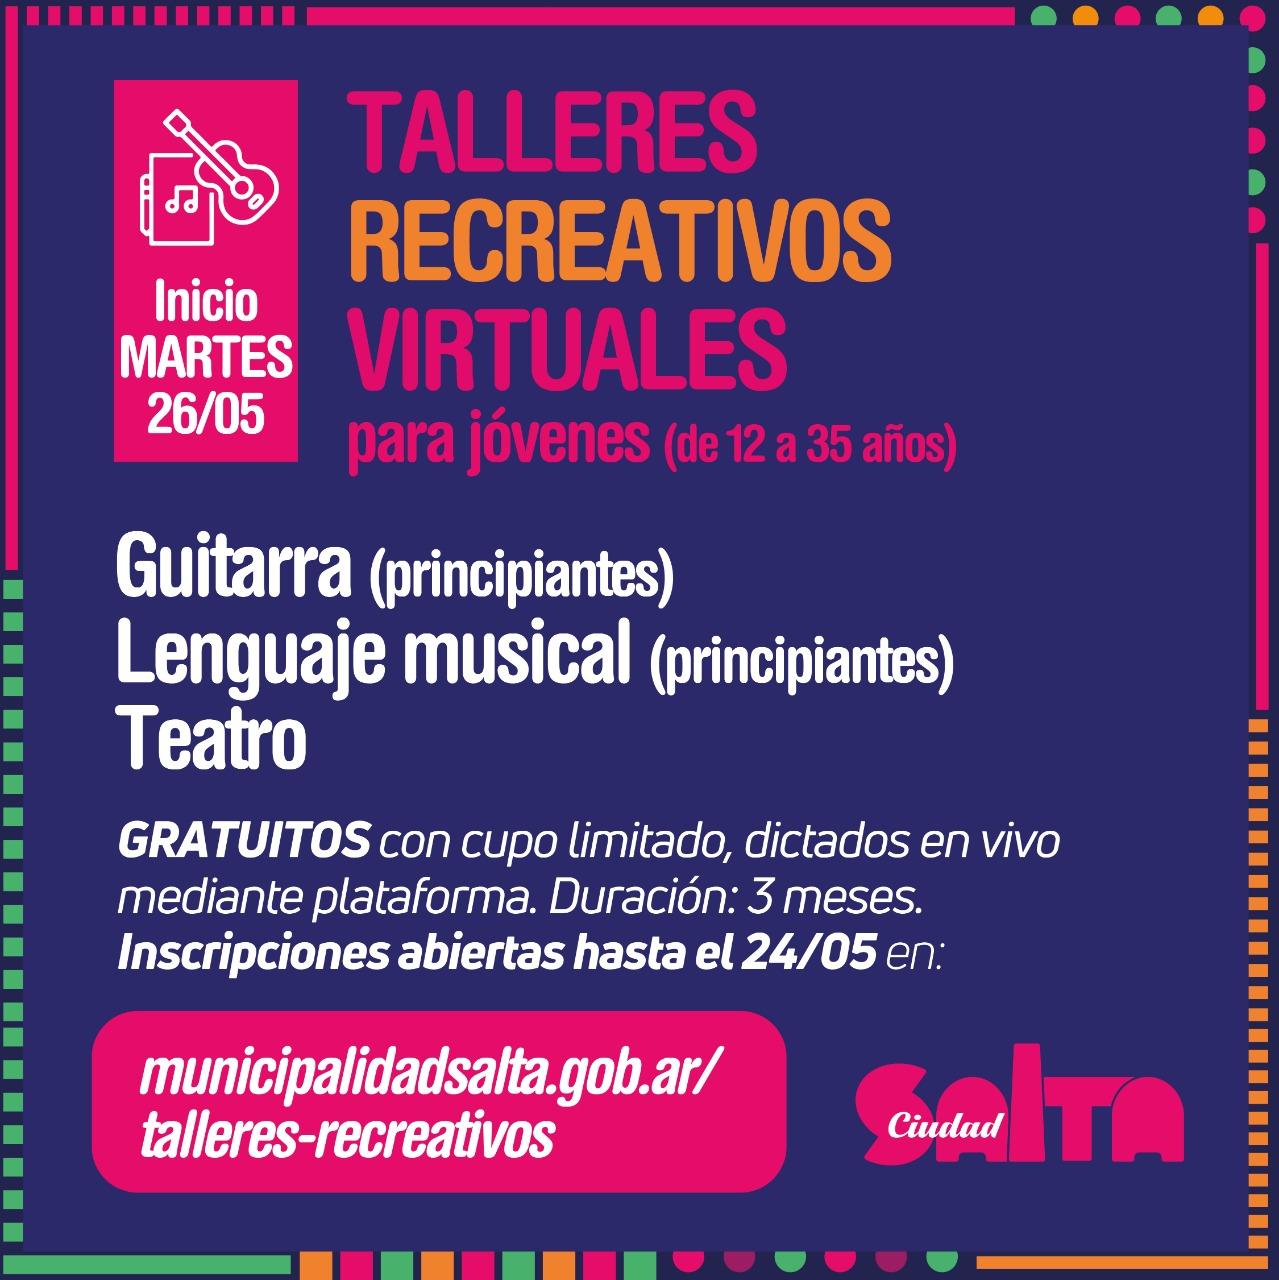 La Ciudad ofrece talleres recreativos virtuales para jóvenes